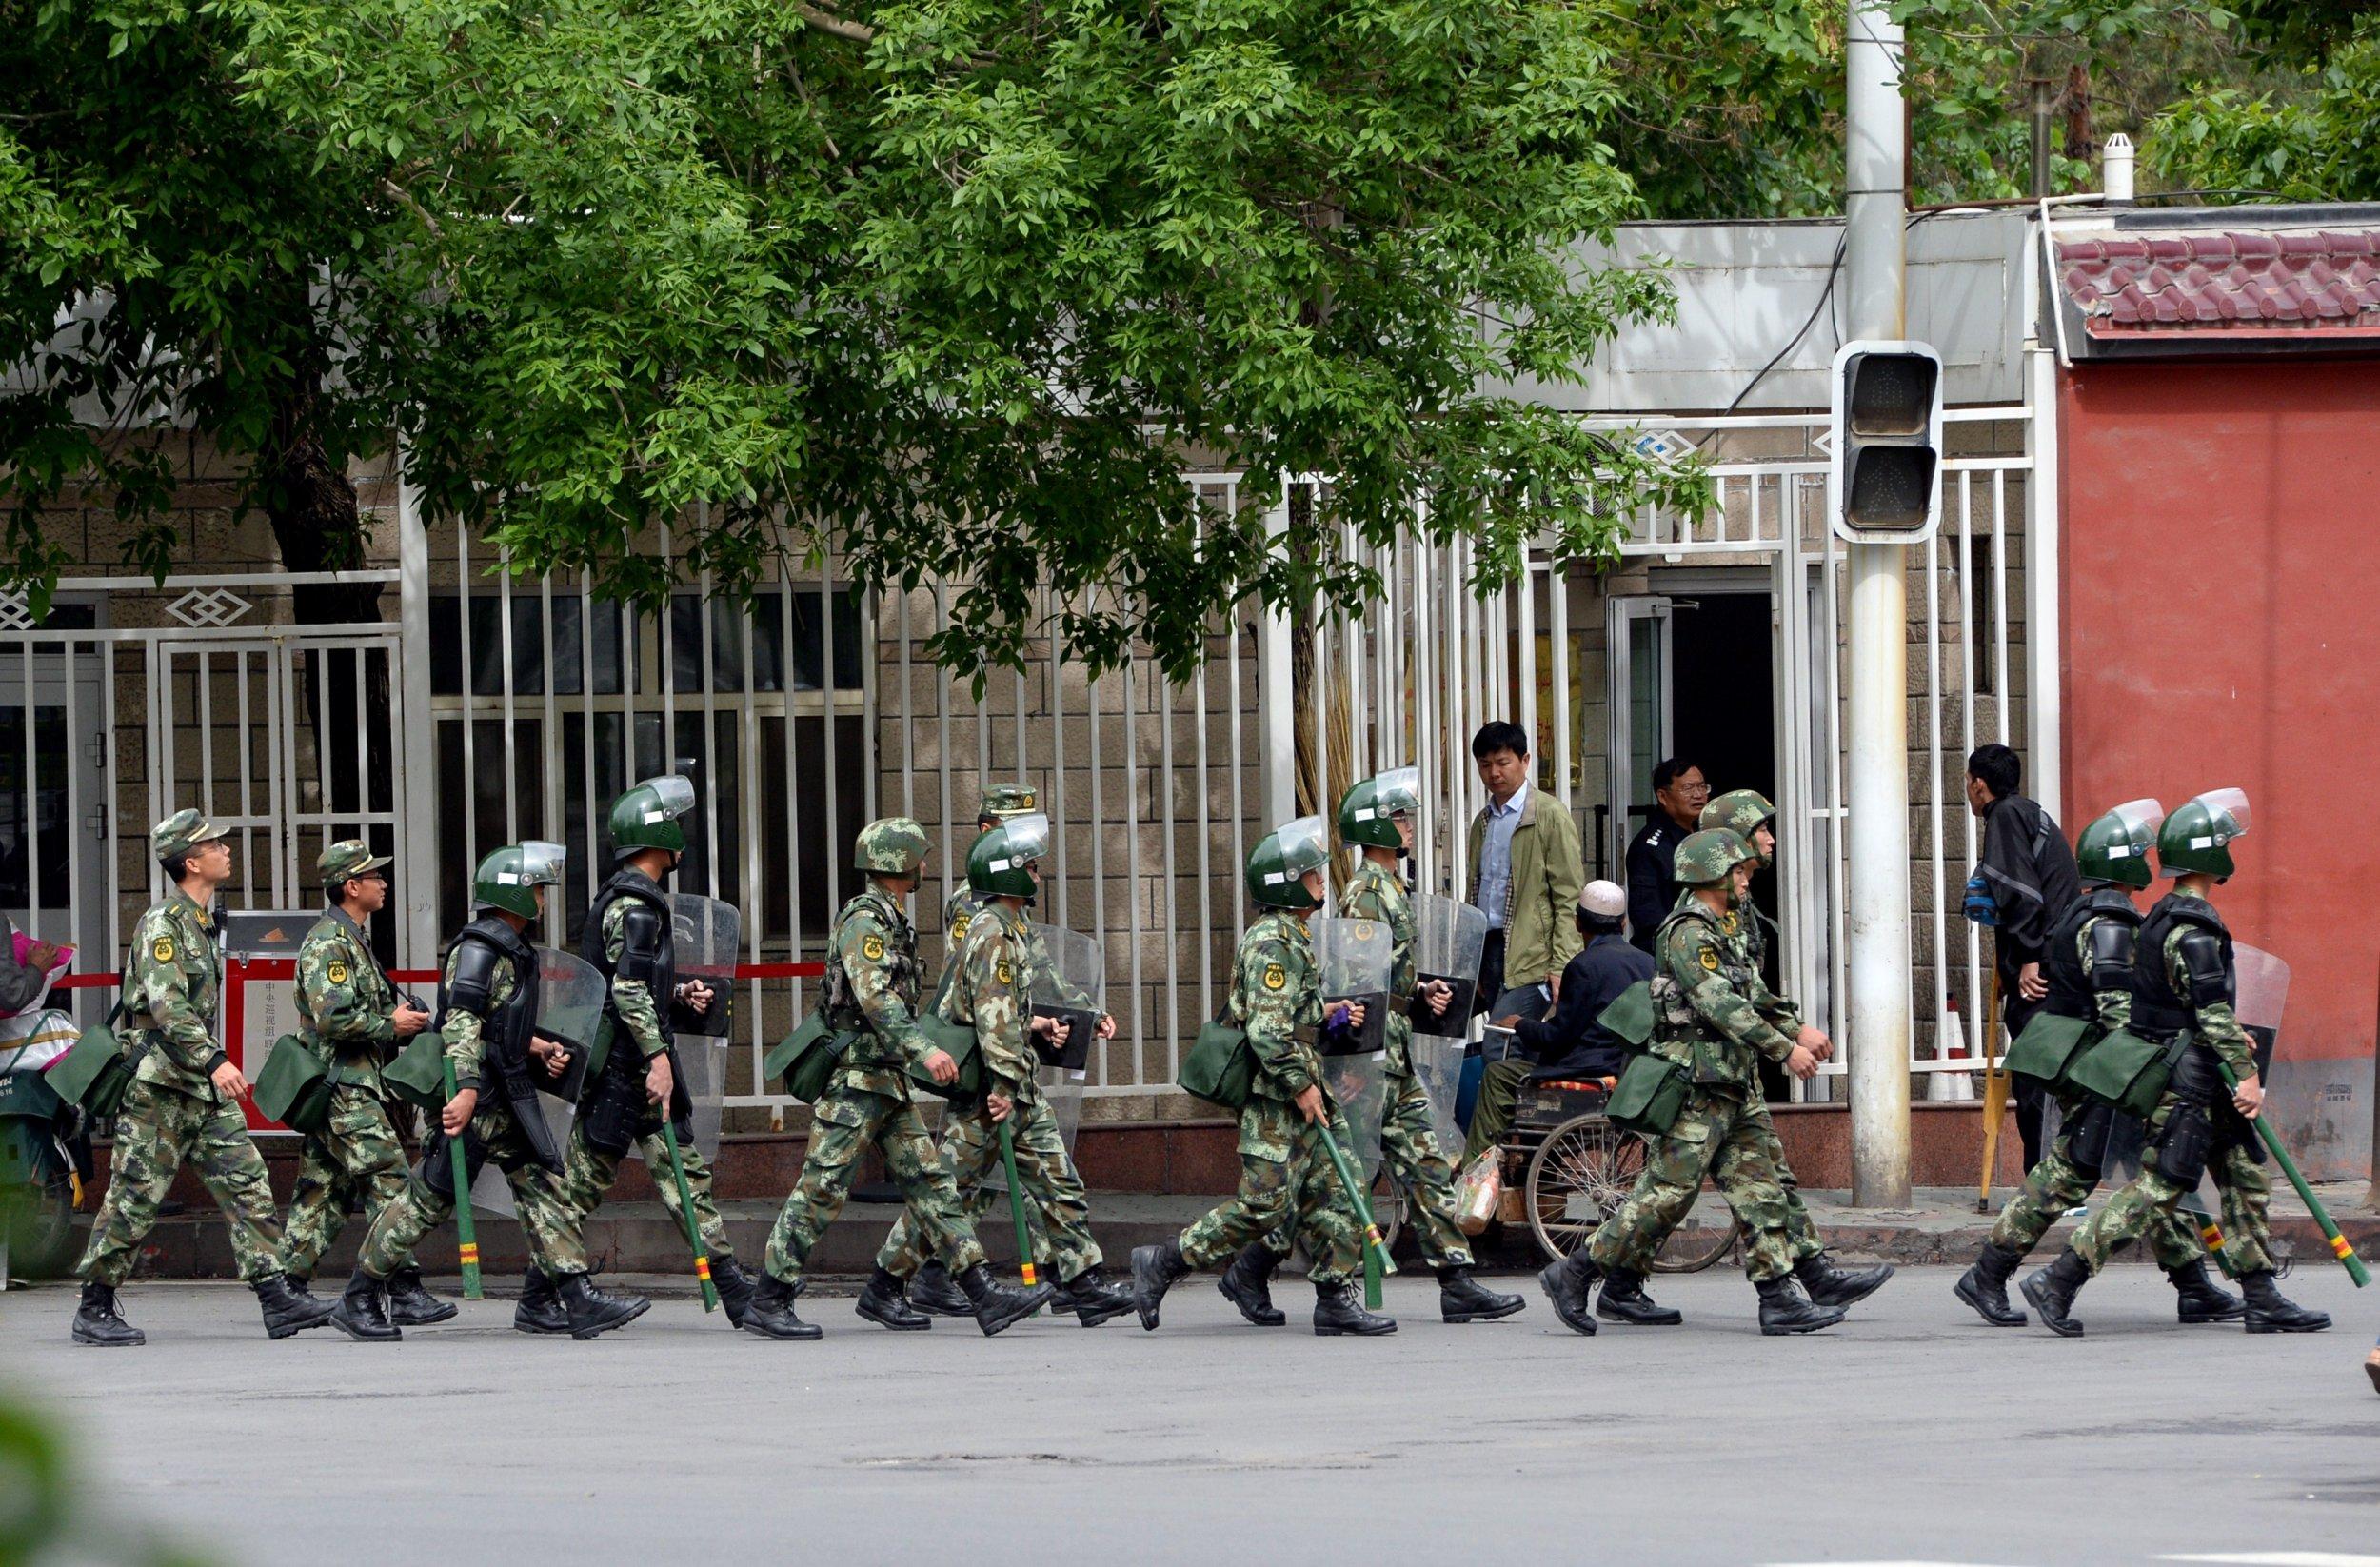 Image result for Goh Chai Hin, Uighurs, China, photos